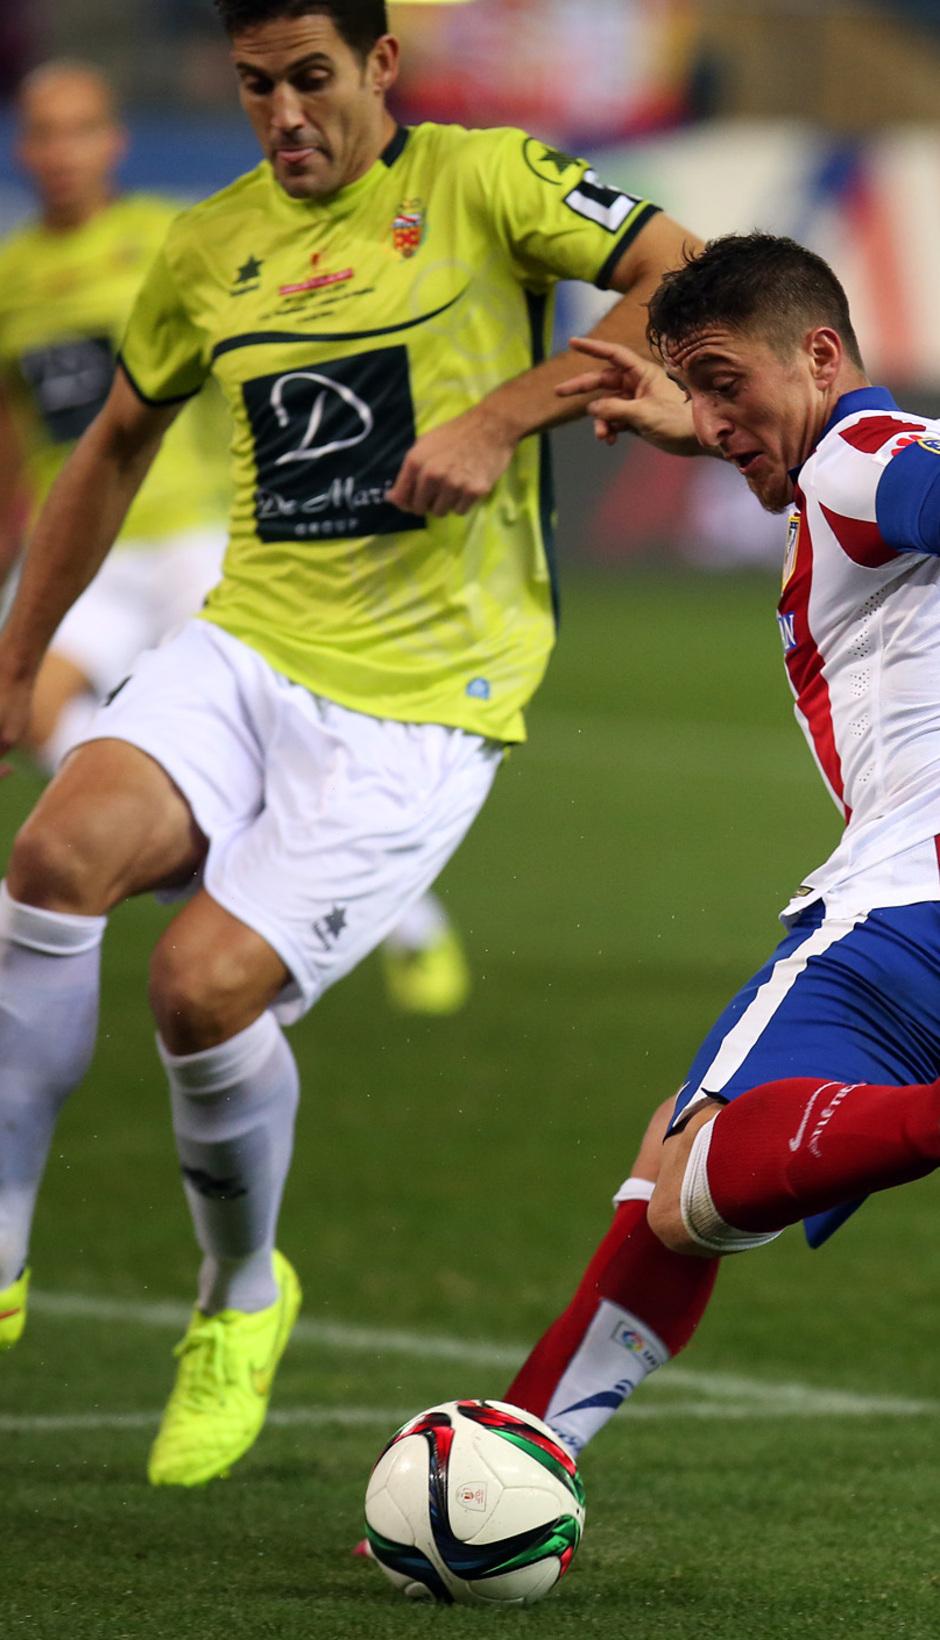 temporada 14/15. Partido Atlético de Madrid Hospitalet. Cristian golpeando un balón durante el partido